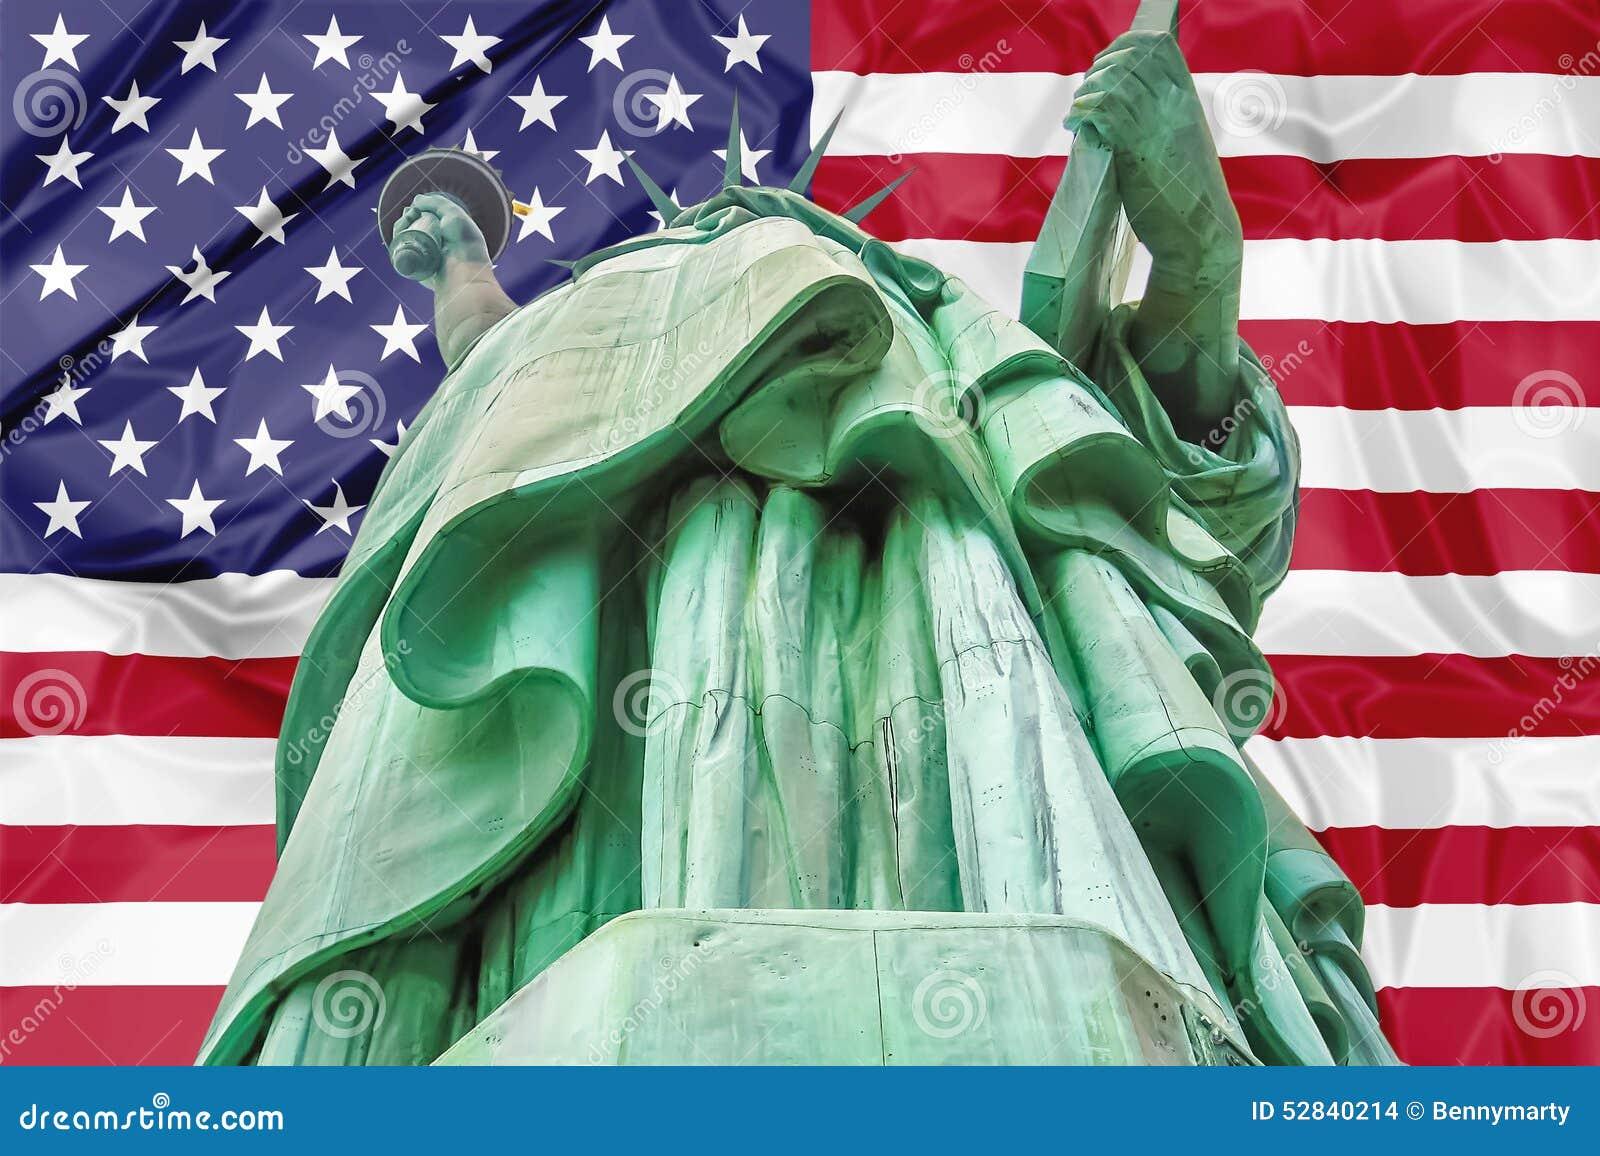 自由女神像的脚_美国自由符号库存照片.图片包括有约克,星形,背包,亚马逊